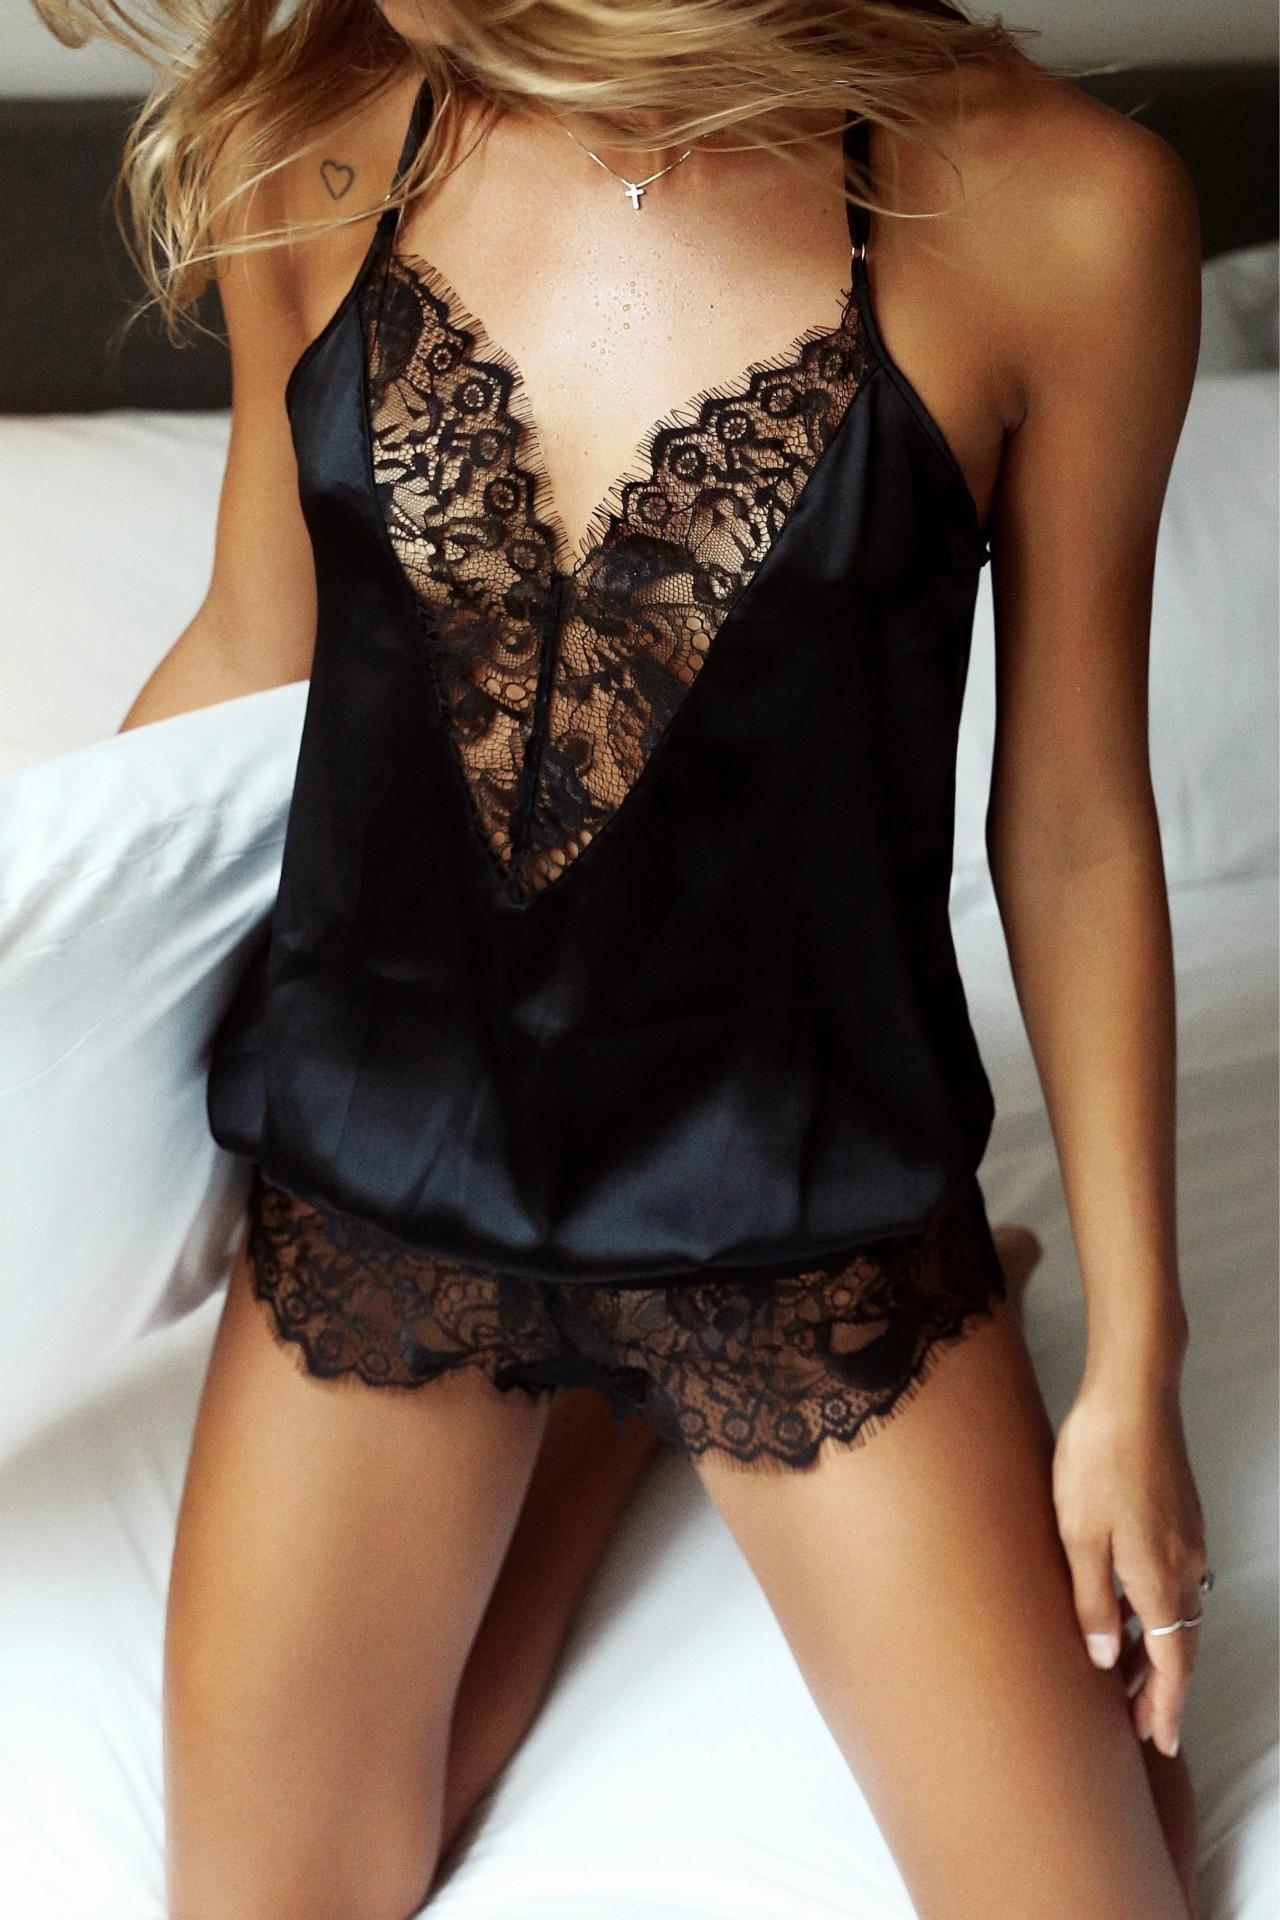 2019 Kaguster Lounge Lingerie Sexy Sleepwear Sleep Wear For Women Nightdown Sleep Dress Lace Sex Love Mujer Underwear Sling Girl